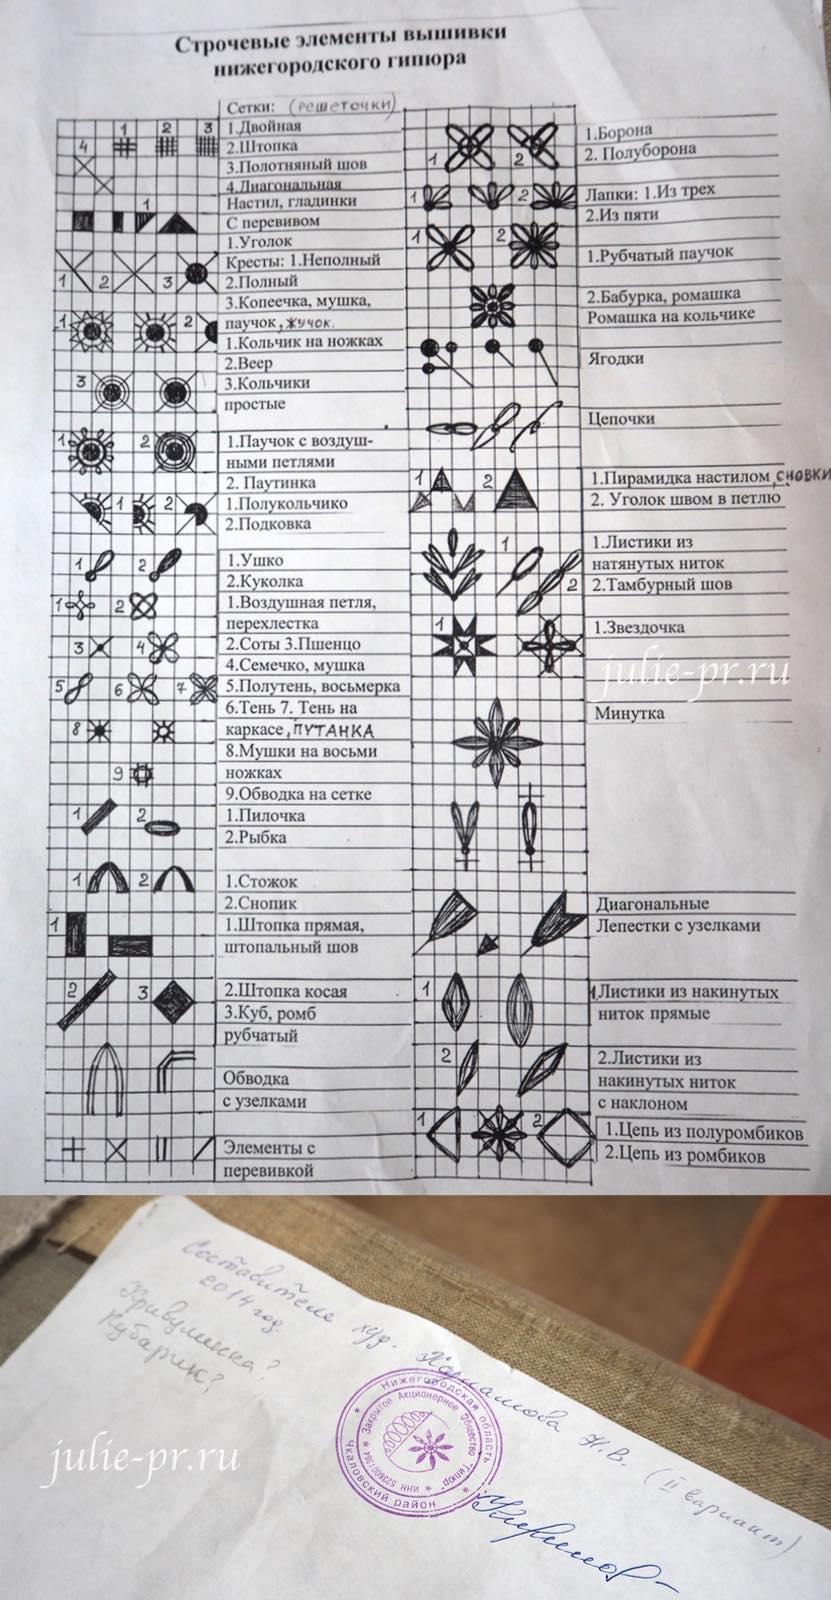 Чкаловск, Горьковский гипюр, Нижегородский гипюр, вышивка, строчевые швы, все строчевы элементы вышивки нижегородского гипюра